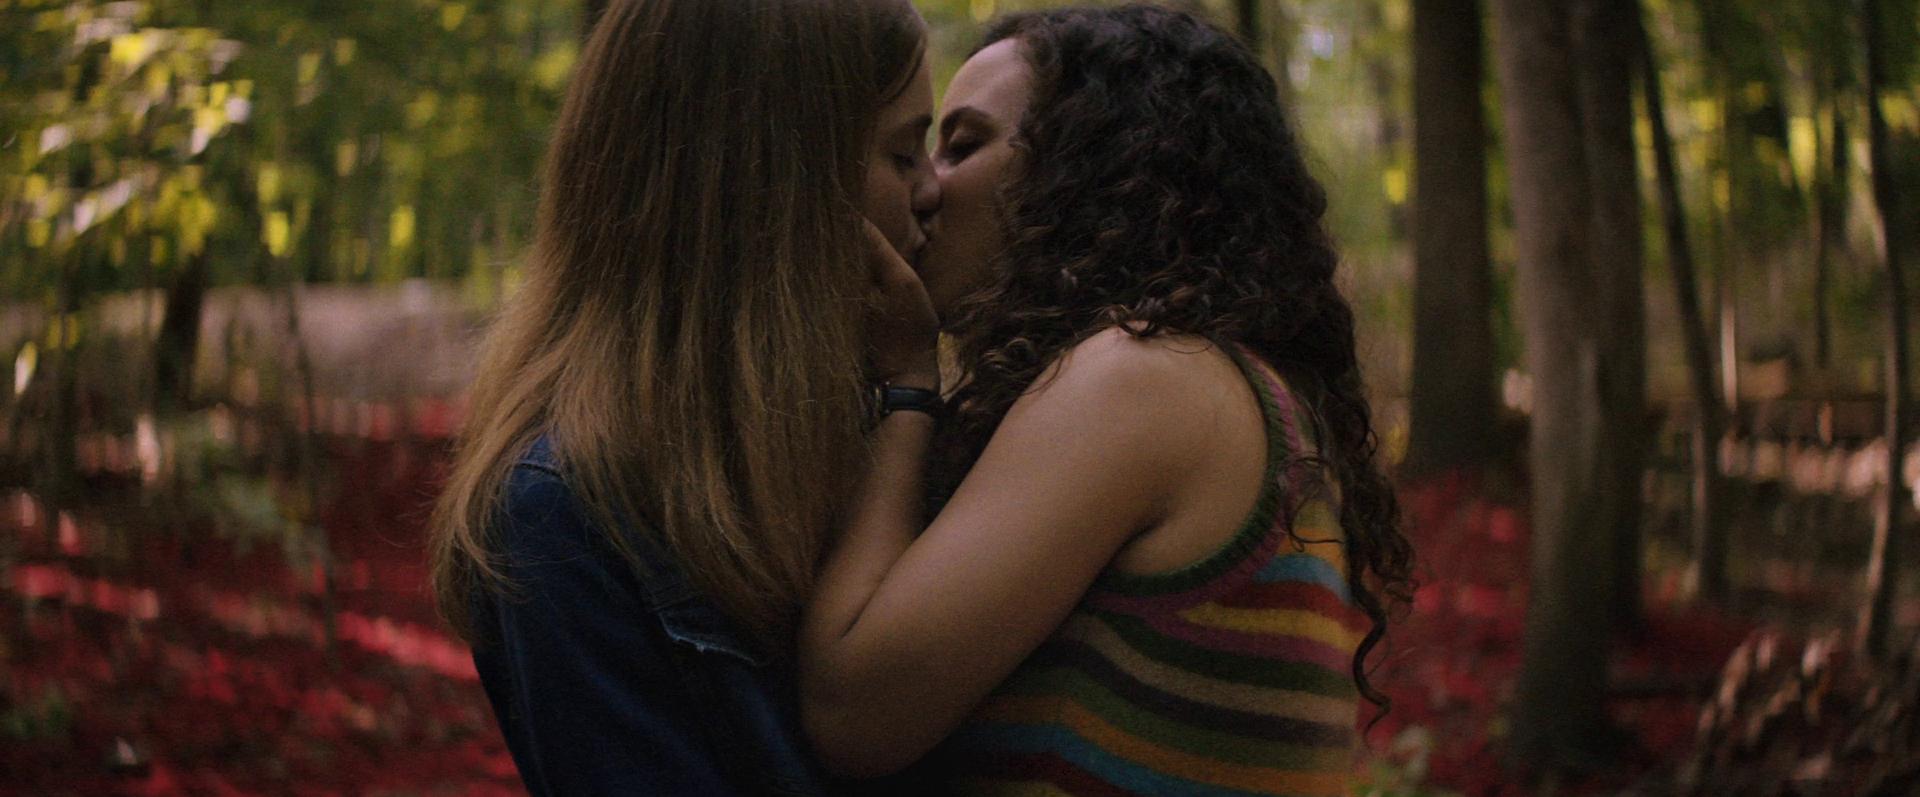 Cena do filme Rua do Medo: 1666 - Parte 3. Na cena, vemos Deena e Sam se beijando. À direita, Deena é negra de pele clara, tem cabelos cacheados e usa uma regata amarela com detalhes listrado em azul, vermelho e amarelo. À esquerda, está Sam, branca e loira, usando jaqueta jeans. Elas estão em uma floresta com flores vermelhas ao redor.